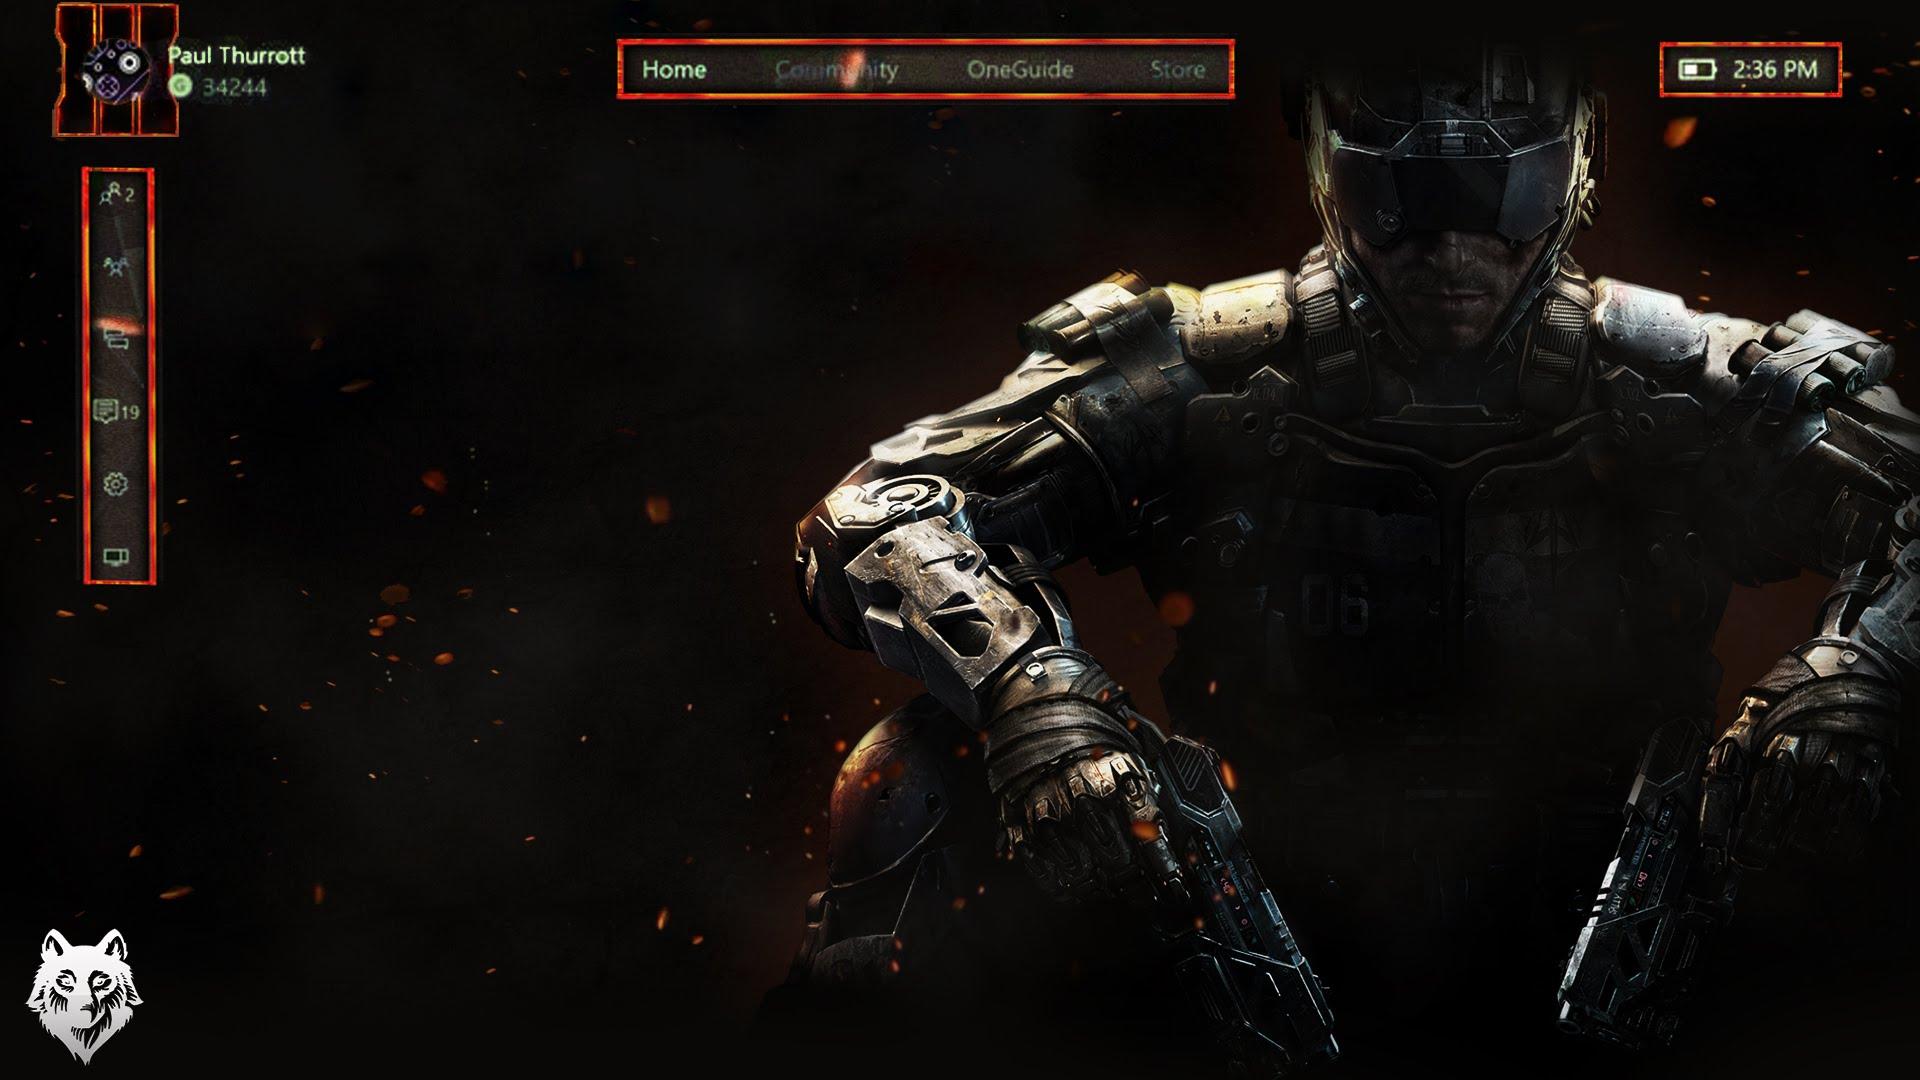 BO3/ Black Ops 3 Xbox One Custom Xbox One Background - YouTube